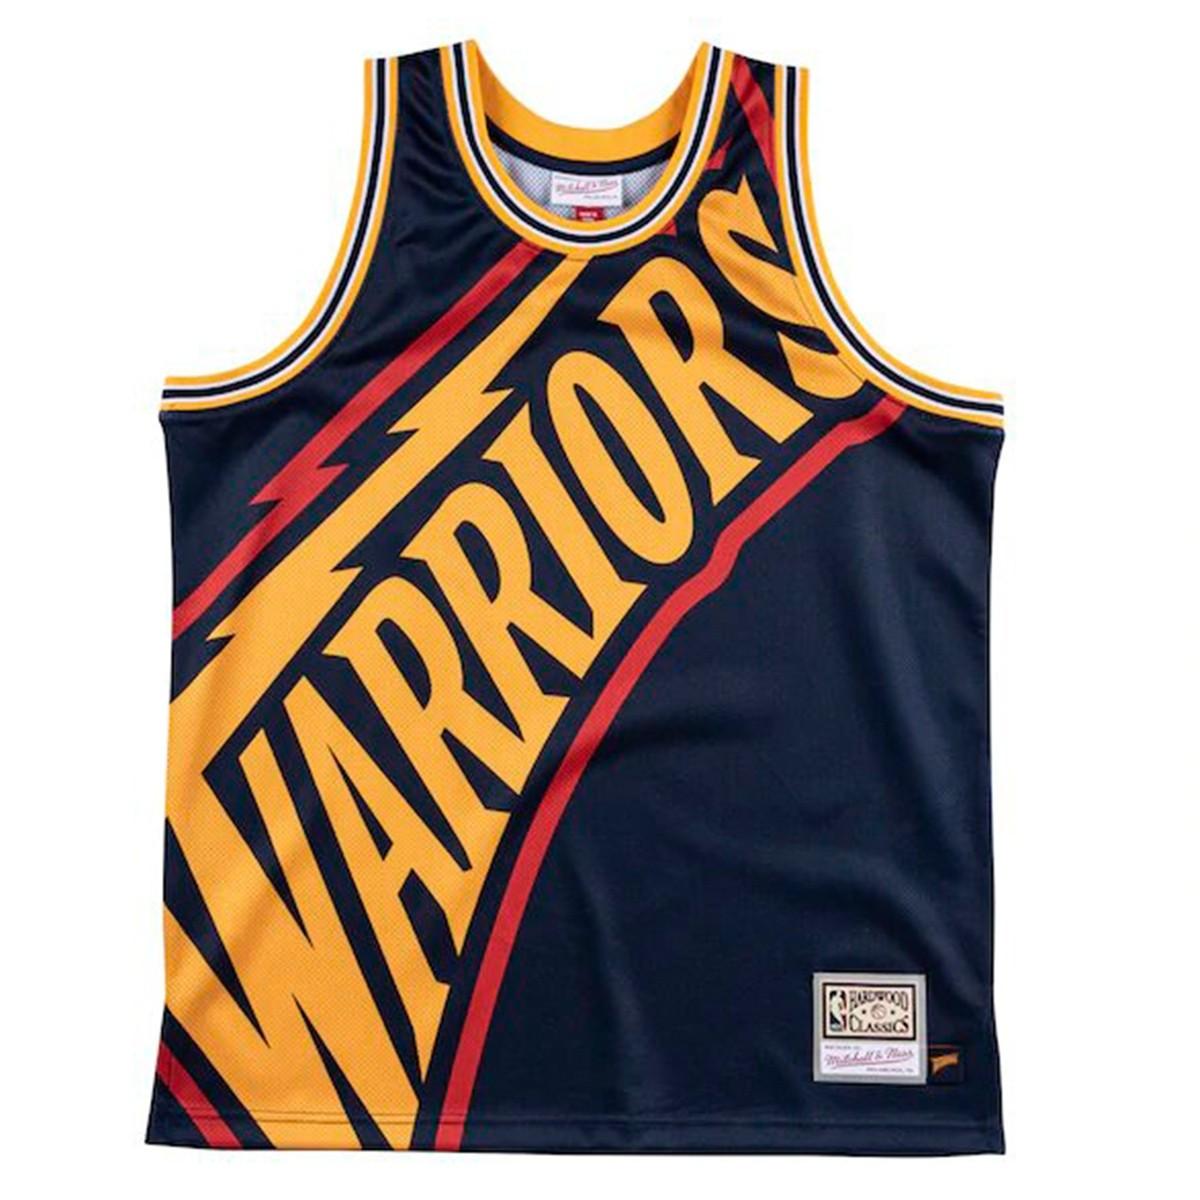 Mitchell & Ness Big Face Jersey 'Warriors'